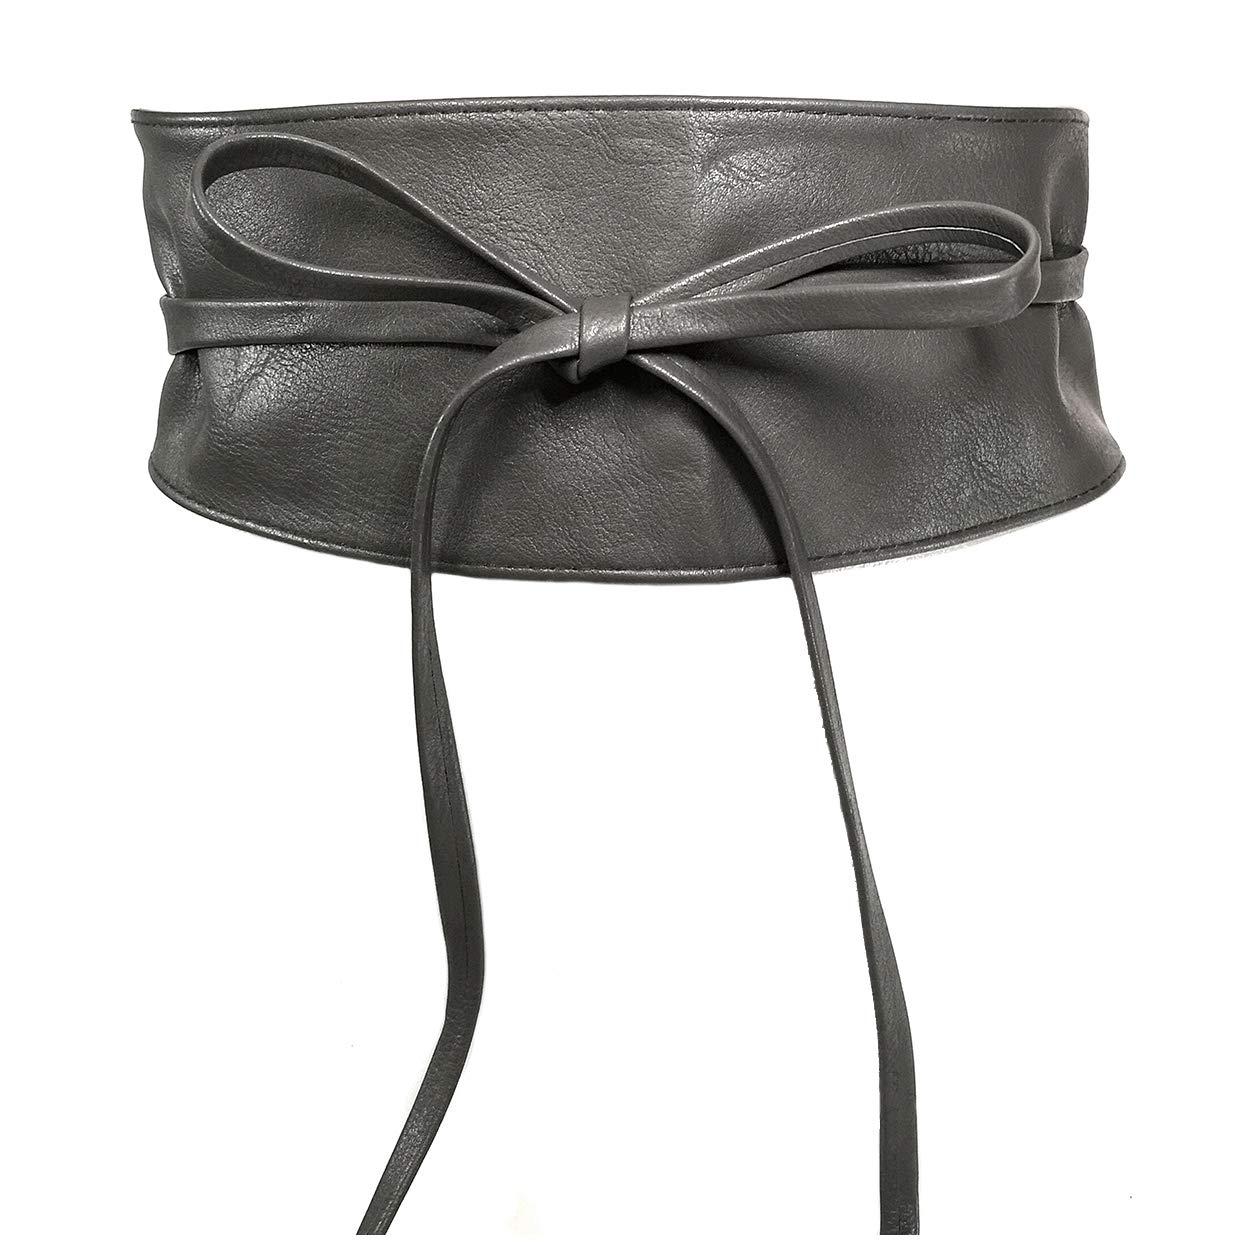 MYB Cintura fusciacca per donna in similpelle modello obi taglia unica diversi colori disponibili